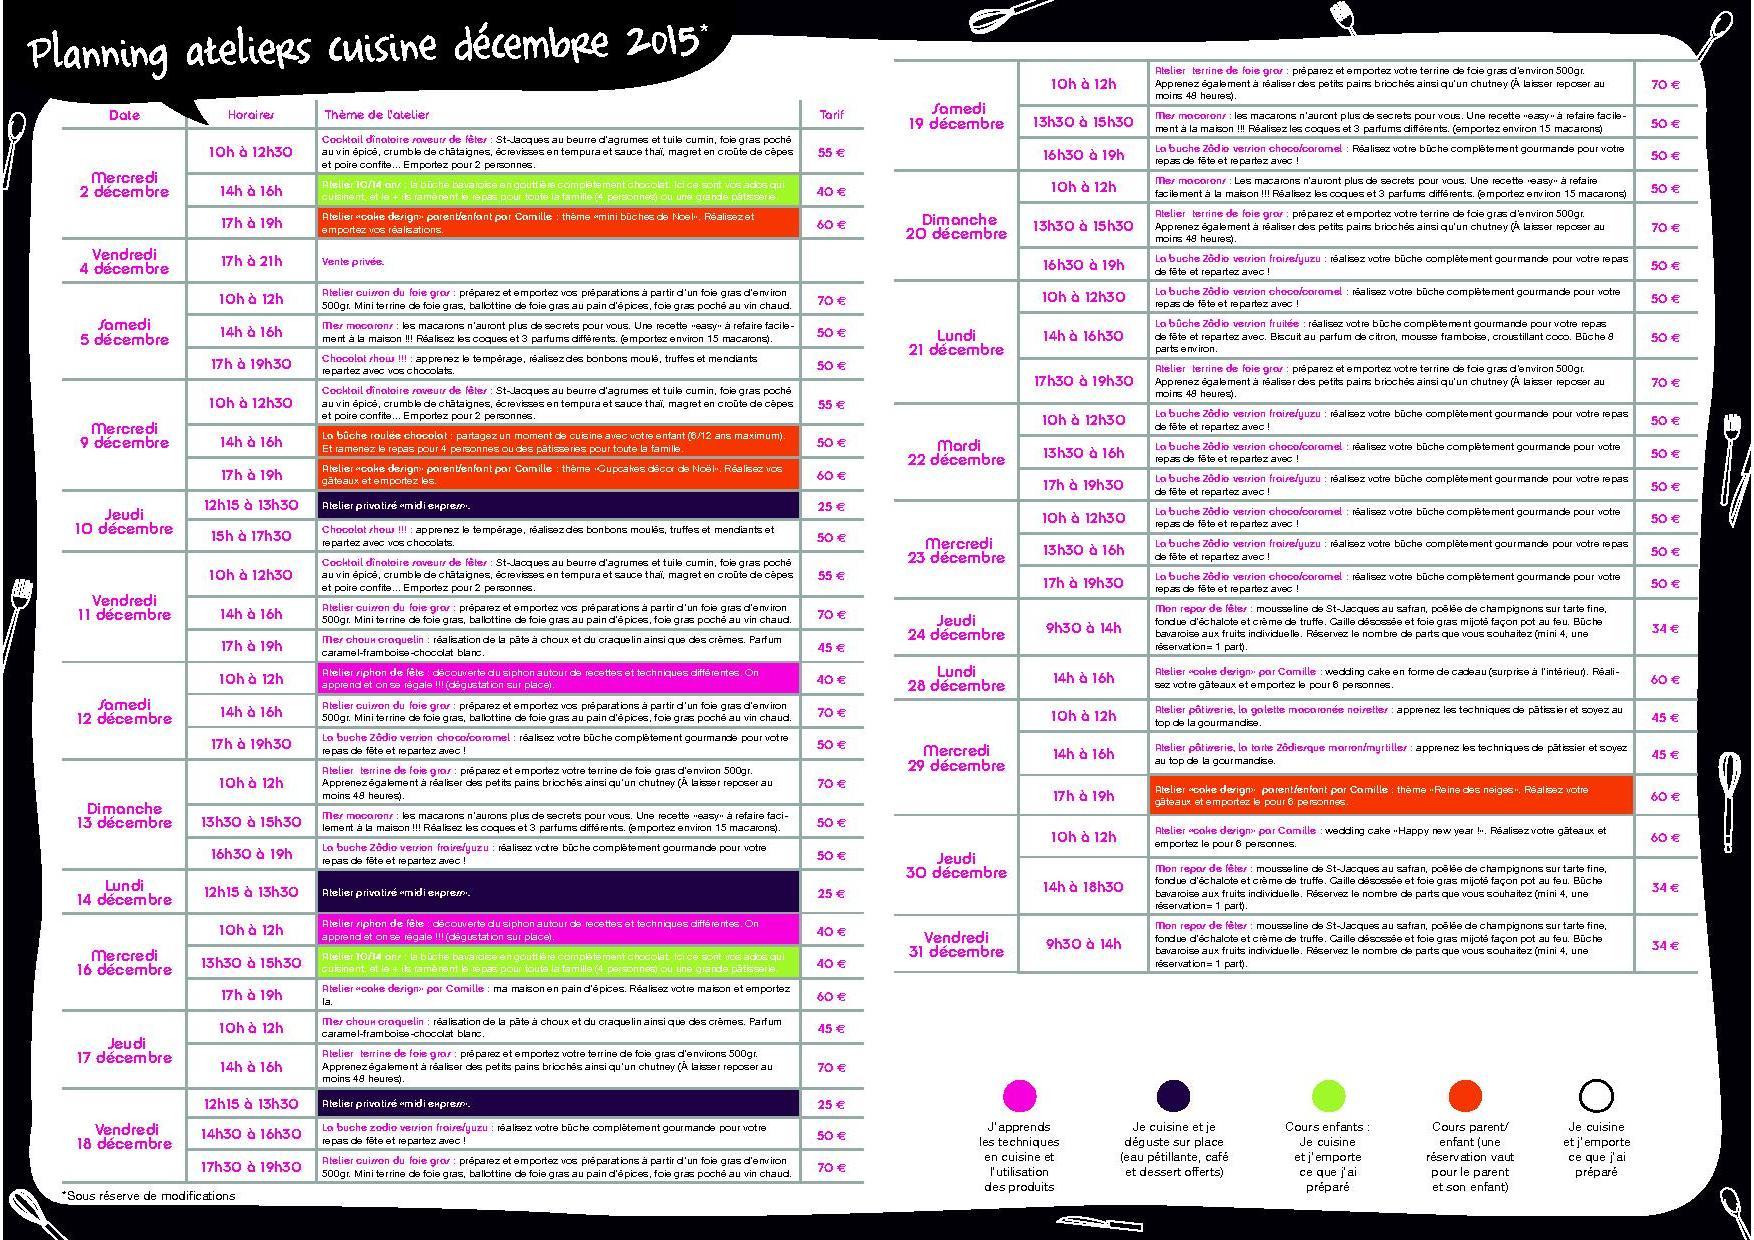 Le planning des ateliers cuisine du mois de d cembre blog z dio - Zodio chambourcy atelier cuisine ...